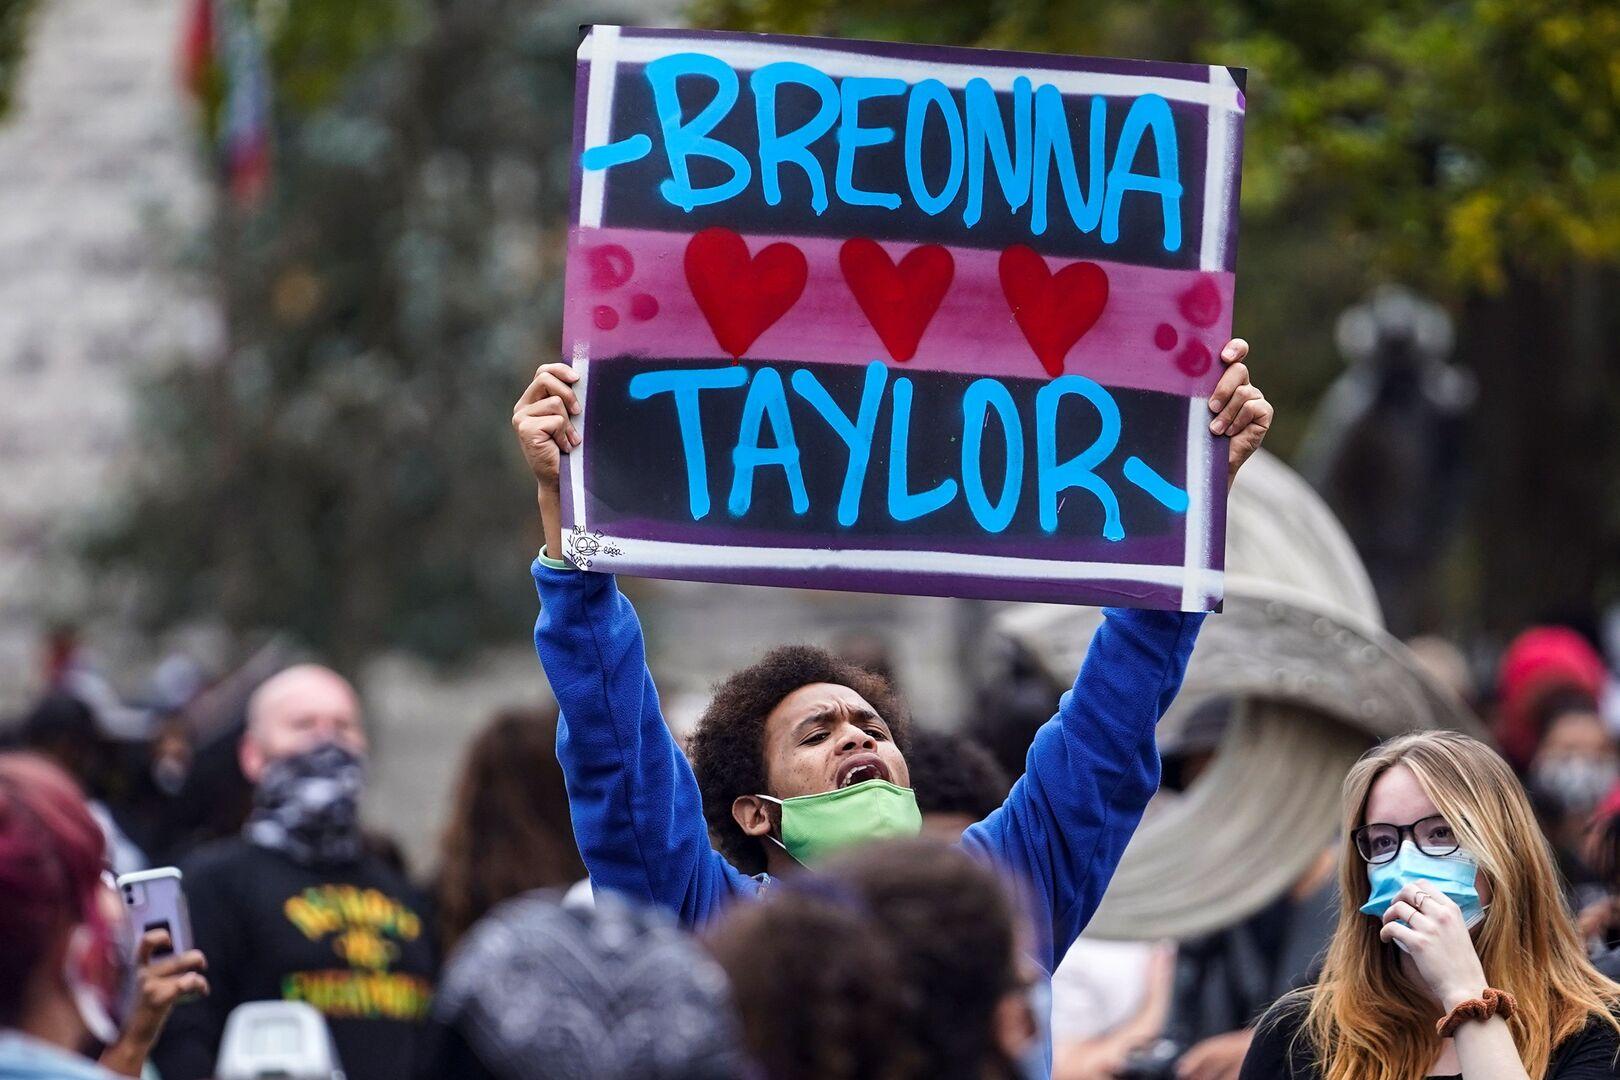 لا اتهامات لشرطيين في قضية مقتل الأمريكية السمراء بريونا تيلور